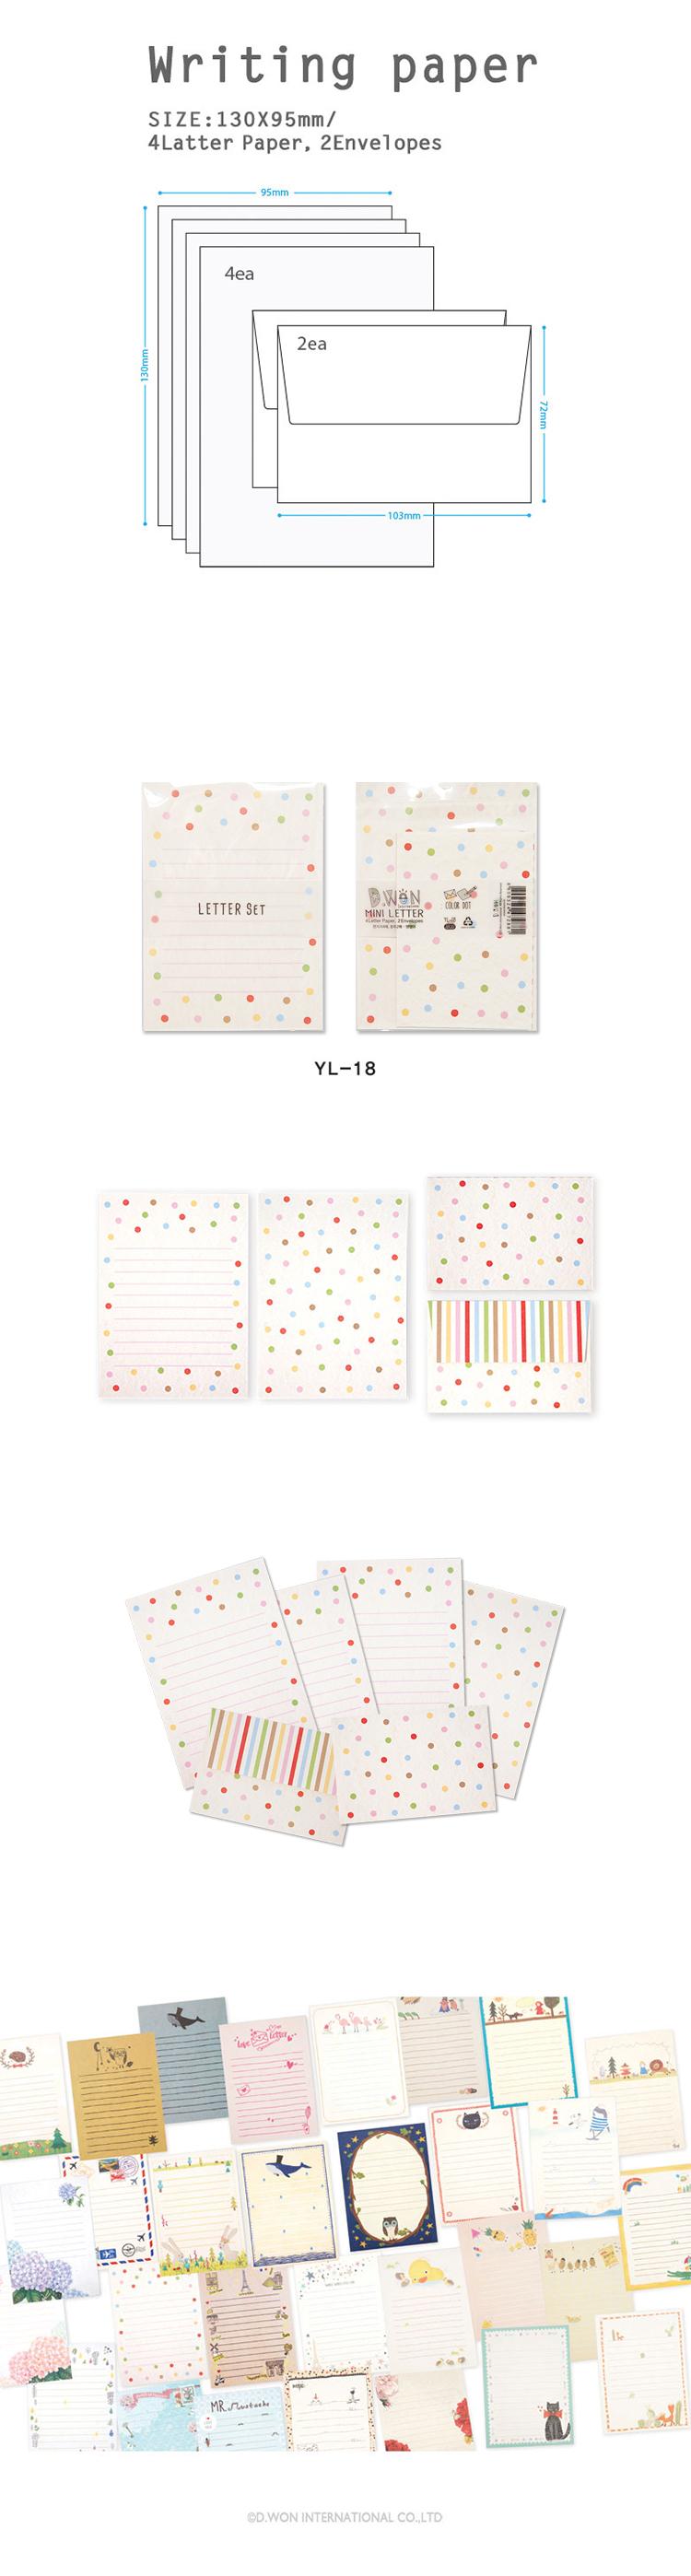 편지지 YL-181,800원-디원디자인문구, 카드/편지/봉투, 카드, 디자인 카드바보사랑편지지 YL-181,800원-디원디자인문구, 카드/편지/봉투, 카드, 디자인 카드바보사랑